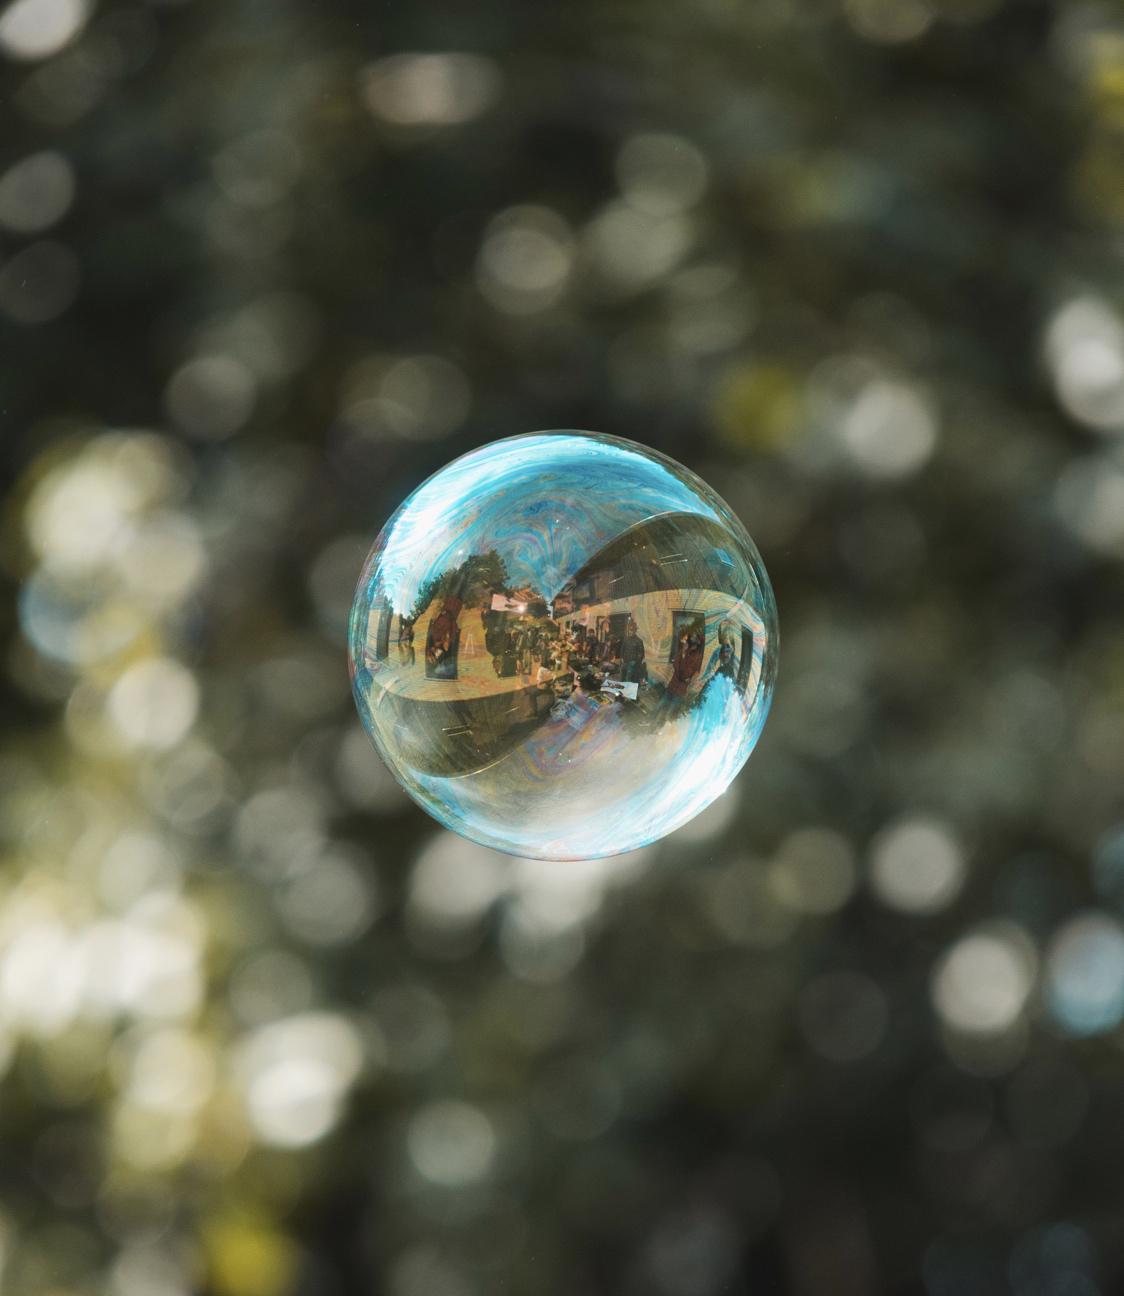 Queres viver numa bolha?